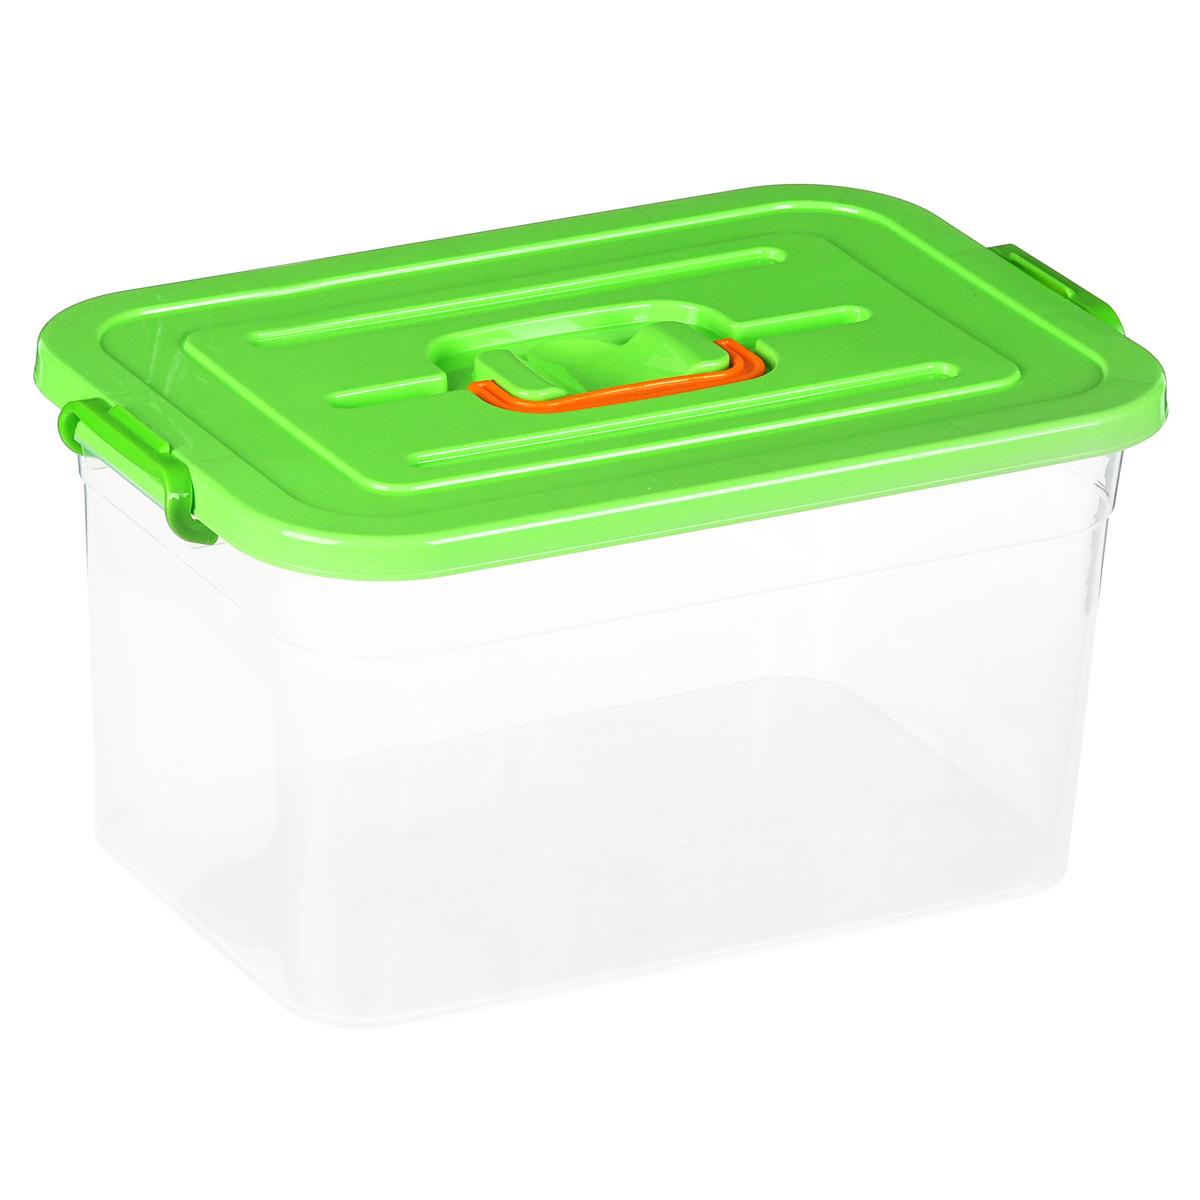 Контейнер для хранения Полимербыт, цвет: зеленый, 15 лС811_зеленыйКонтейнер для хранения Полимербыт выполнен из высококачественного цветного пластика. Контейнер снабжен удобной ручкой и двумя пластиковыми фиксаторами по бокам, придающими дополнительную надежность закрывания крышки. Вместительный контейнер позволит сохранить различные нужные вещи в порядке, а герметичная крышка предотвратит случайное открывание, защитит содержимое от пыли и грязи. Объем: 15 л. УВАЖАЕМЫЕ КЛИЕНТЫ!Обращаем ваше внимание на допустимые незначительные изменения в дизайне товара - ручки контейнера могут отличаться по цвету от изображенных на фотографии.